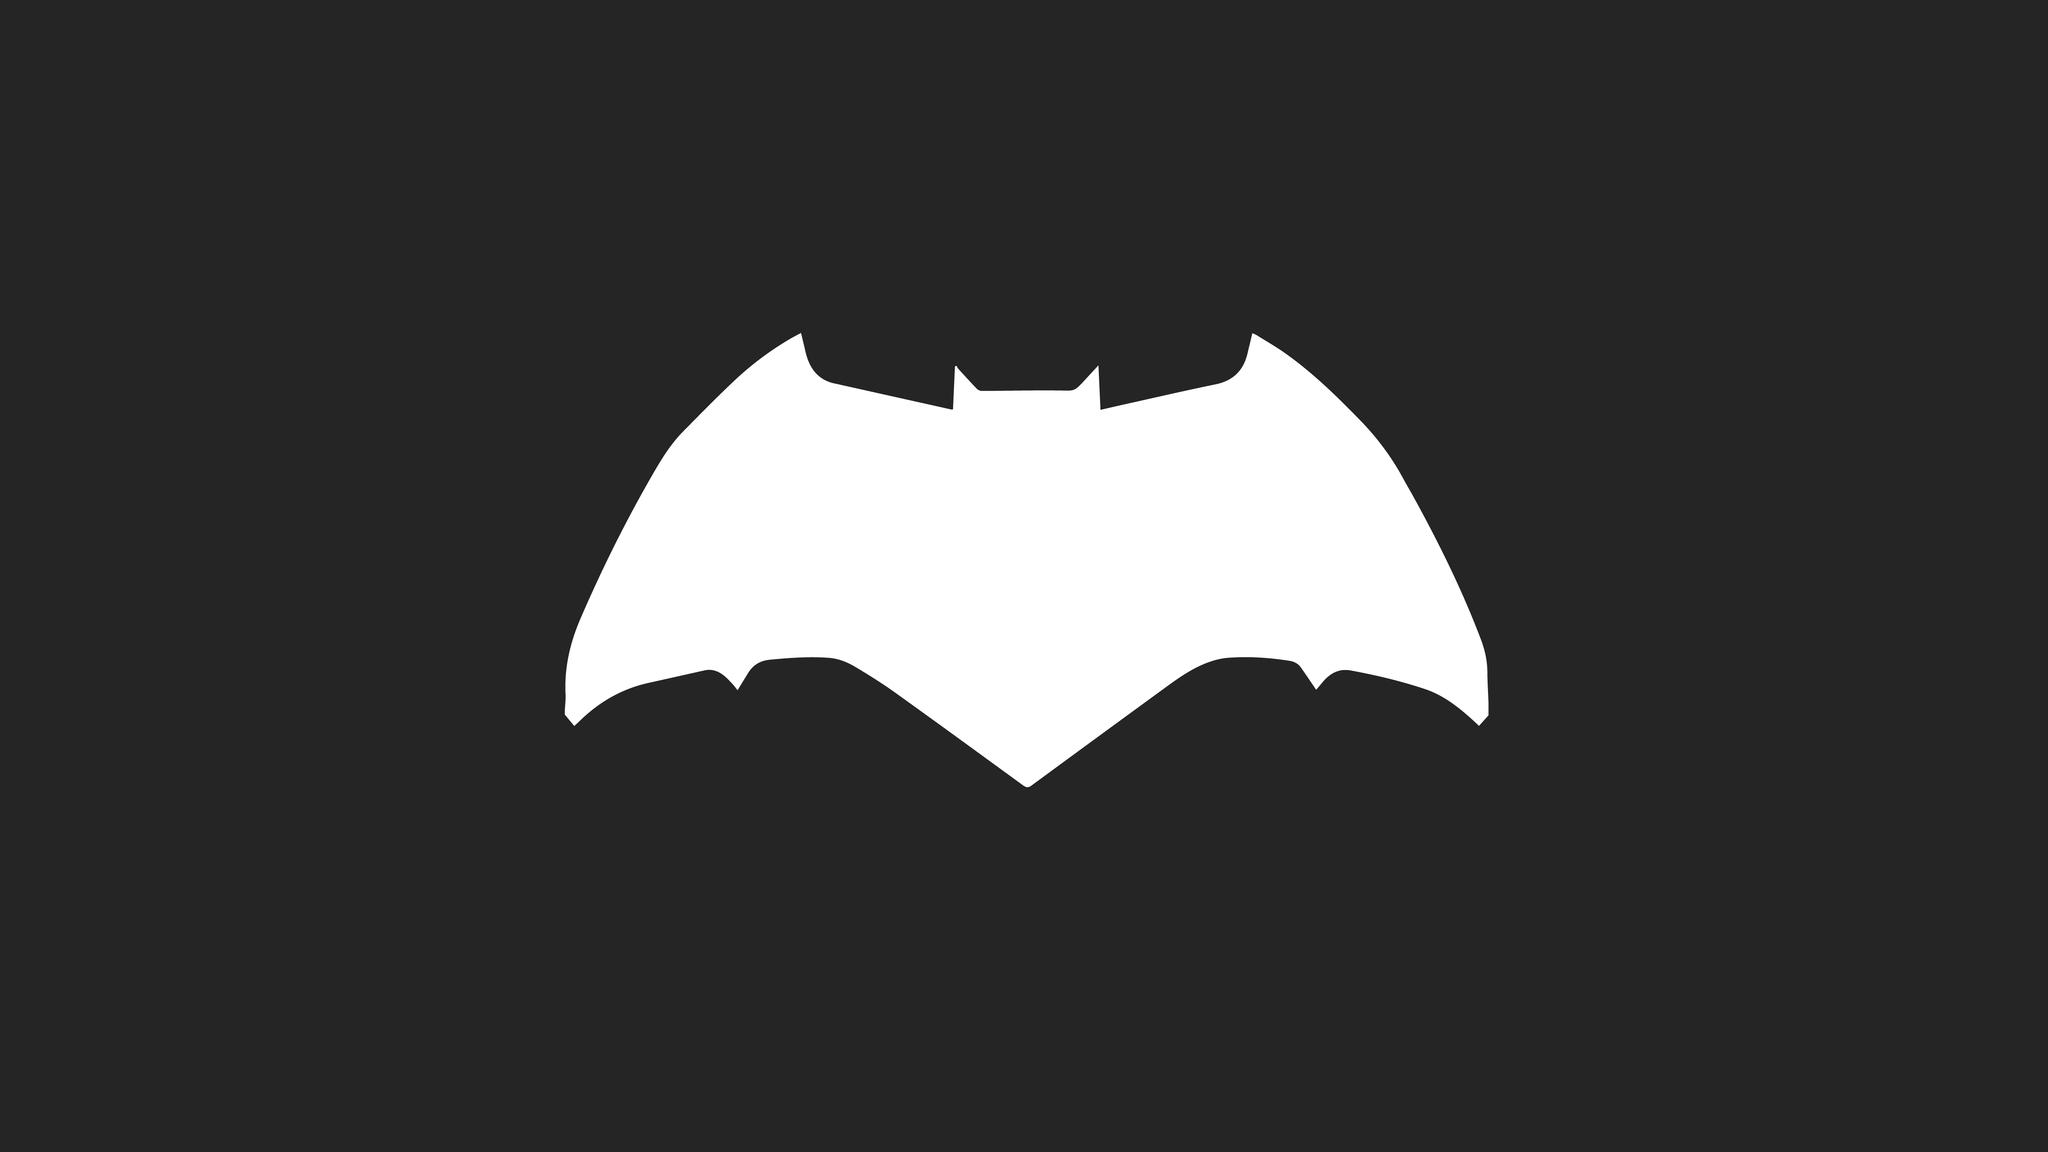 2048x1152 Batman Logo Minimalism 2048x1152 Resolution HD ...